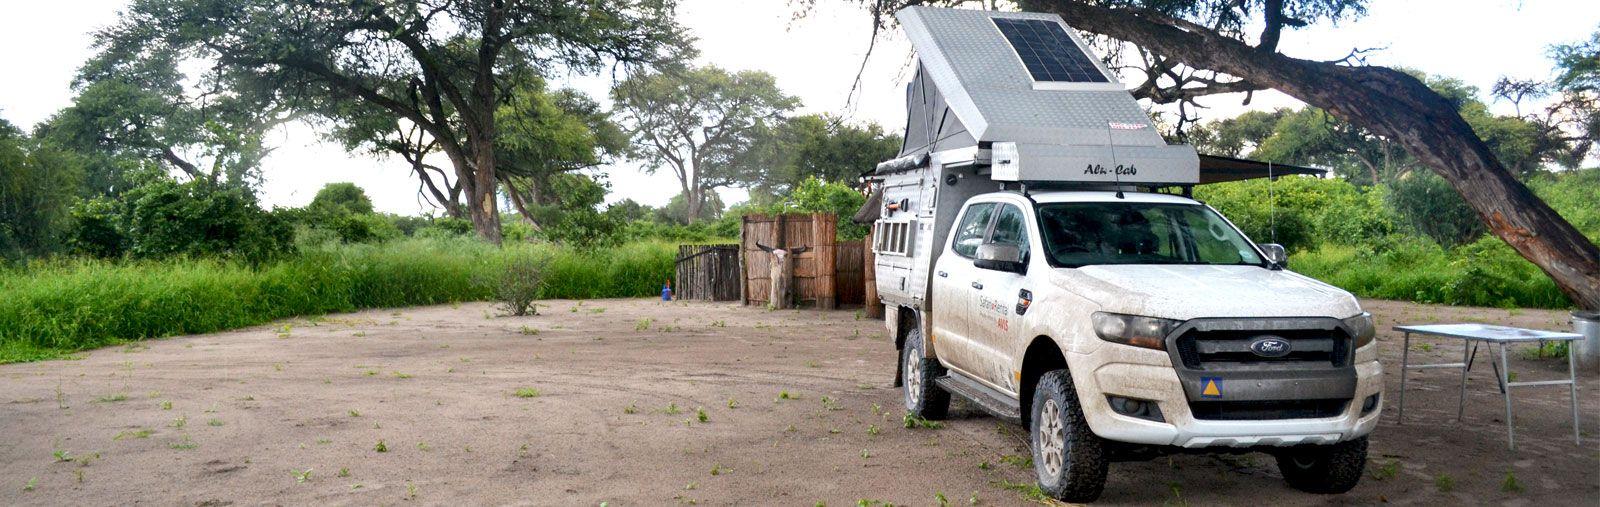 avis safari rental customer experiences